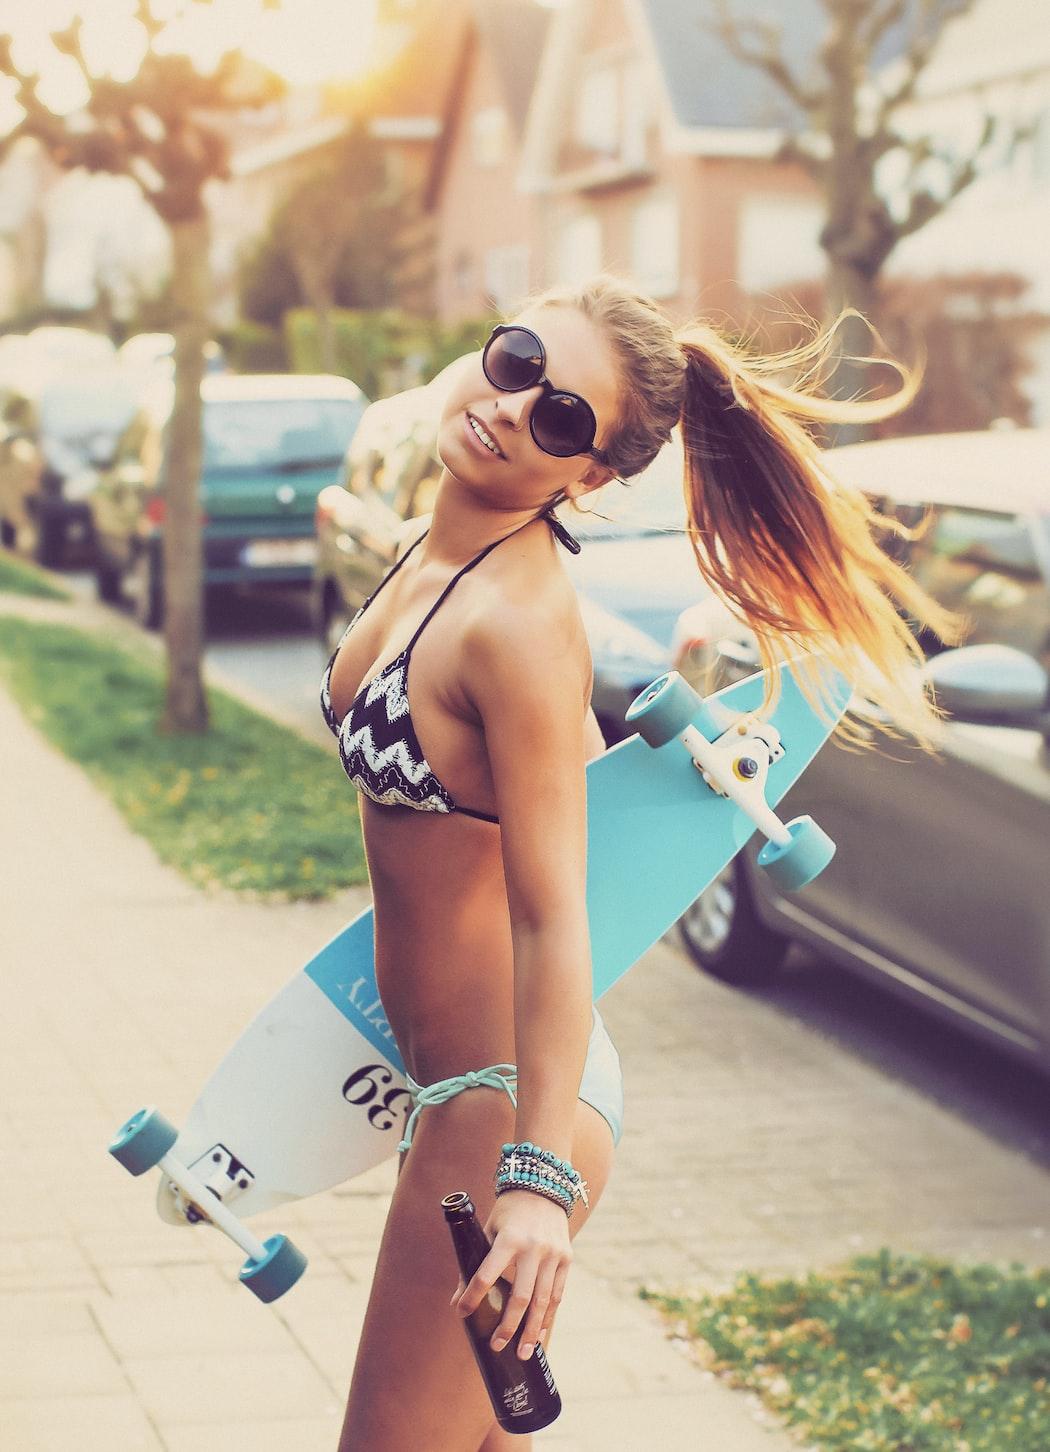 Imagen gratis de chica en biquini, con gafas de sol, long board y cerveza